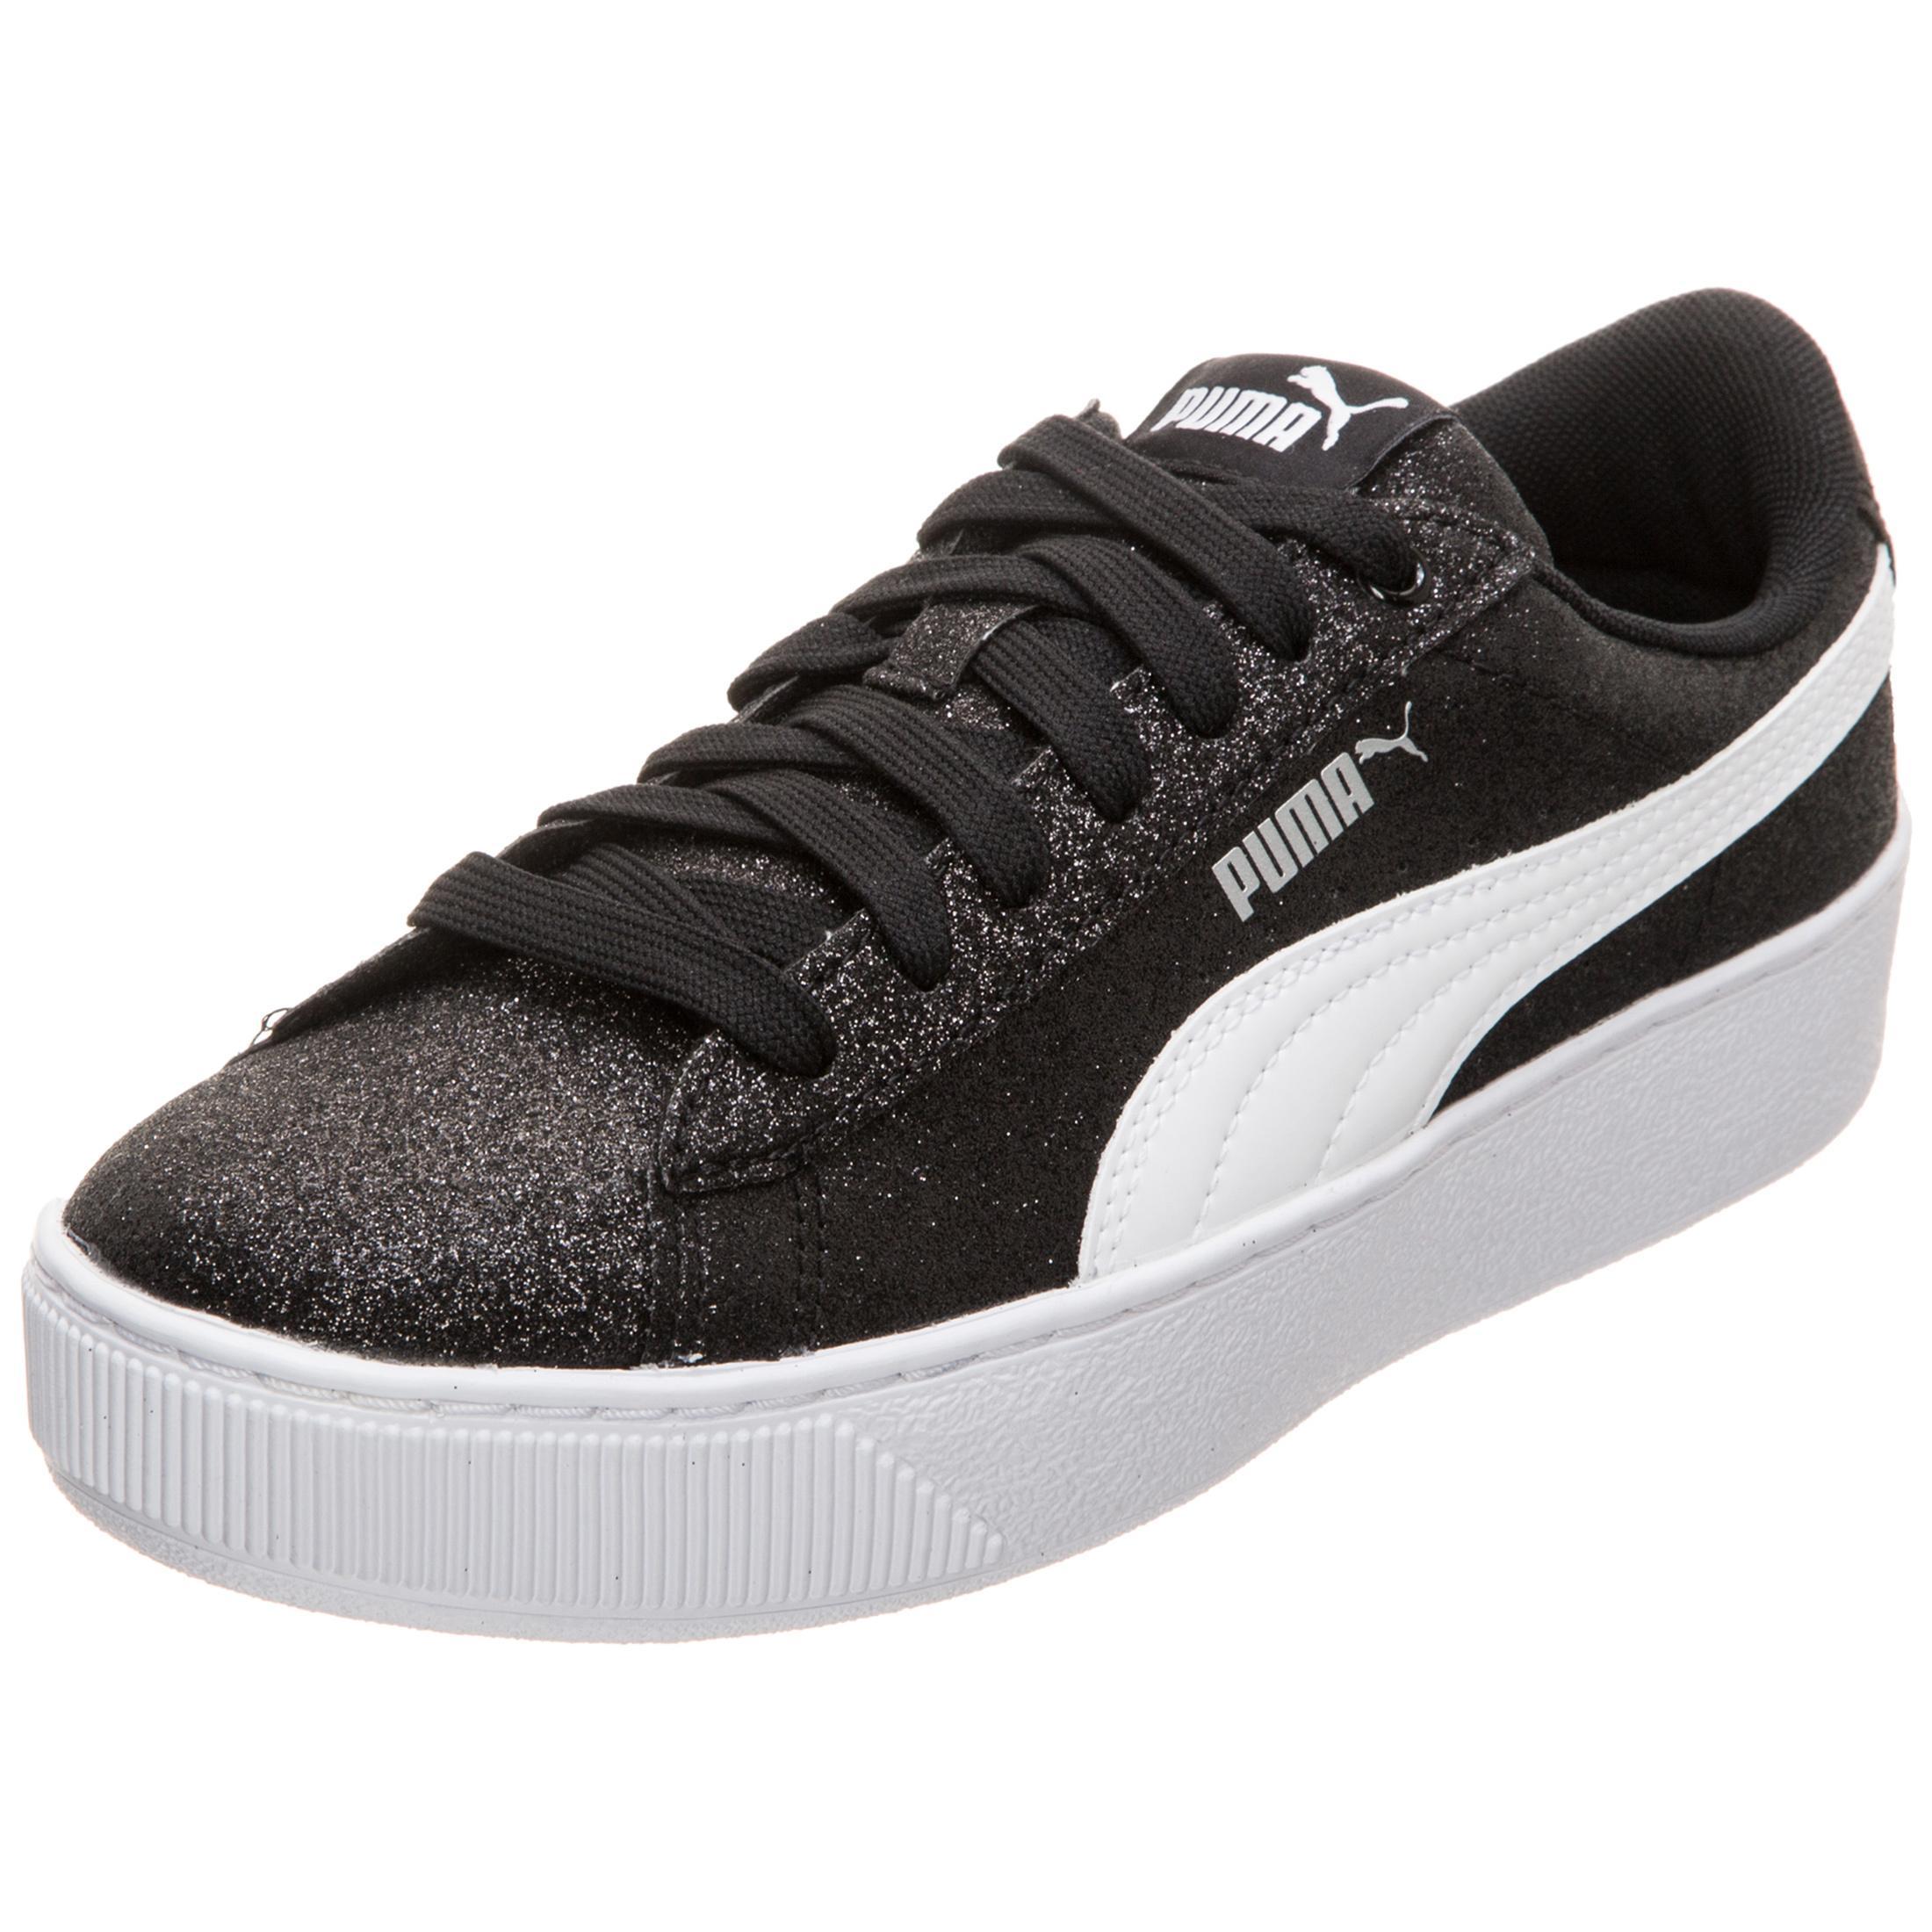 44d15e4f676 PUMA Vikky Platform Glitz Sneaker Mädchen schwarz   silber im Online Shop  von SportScheck kaufen